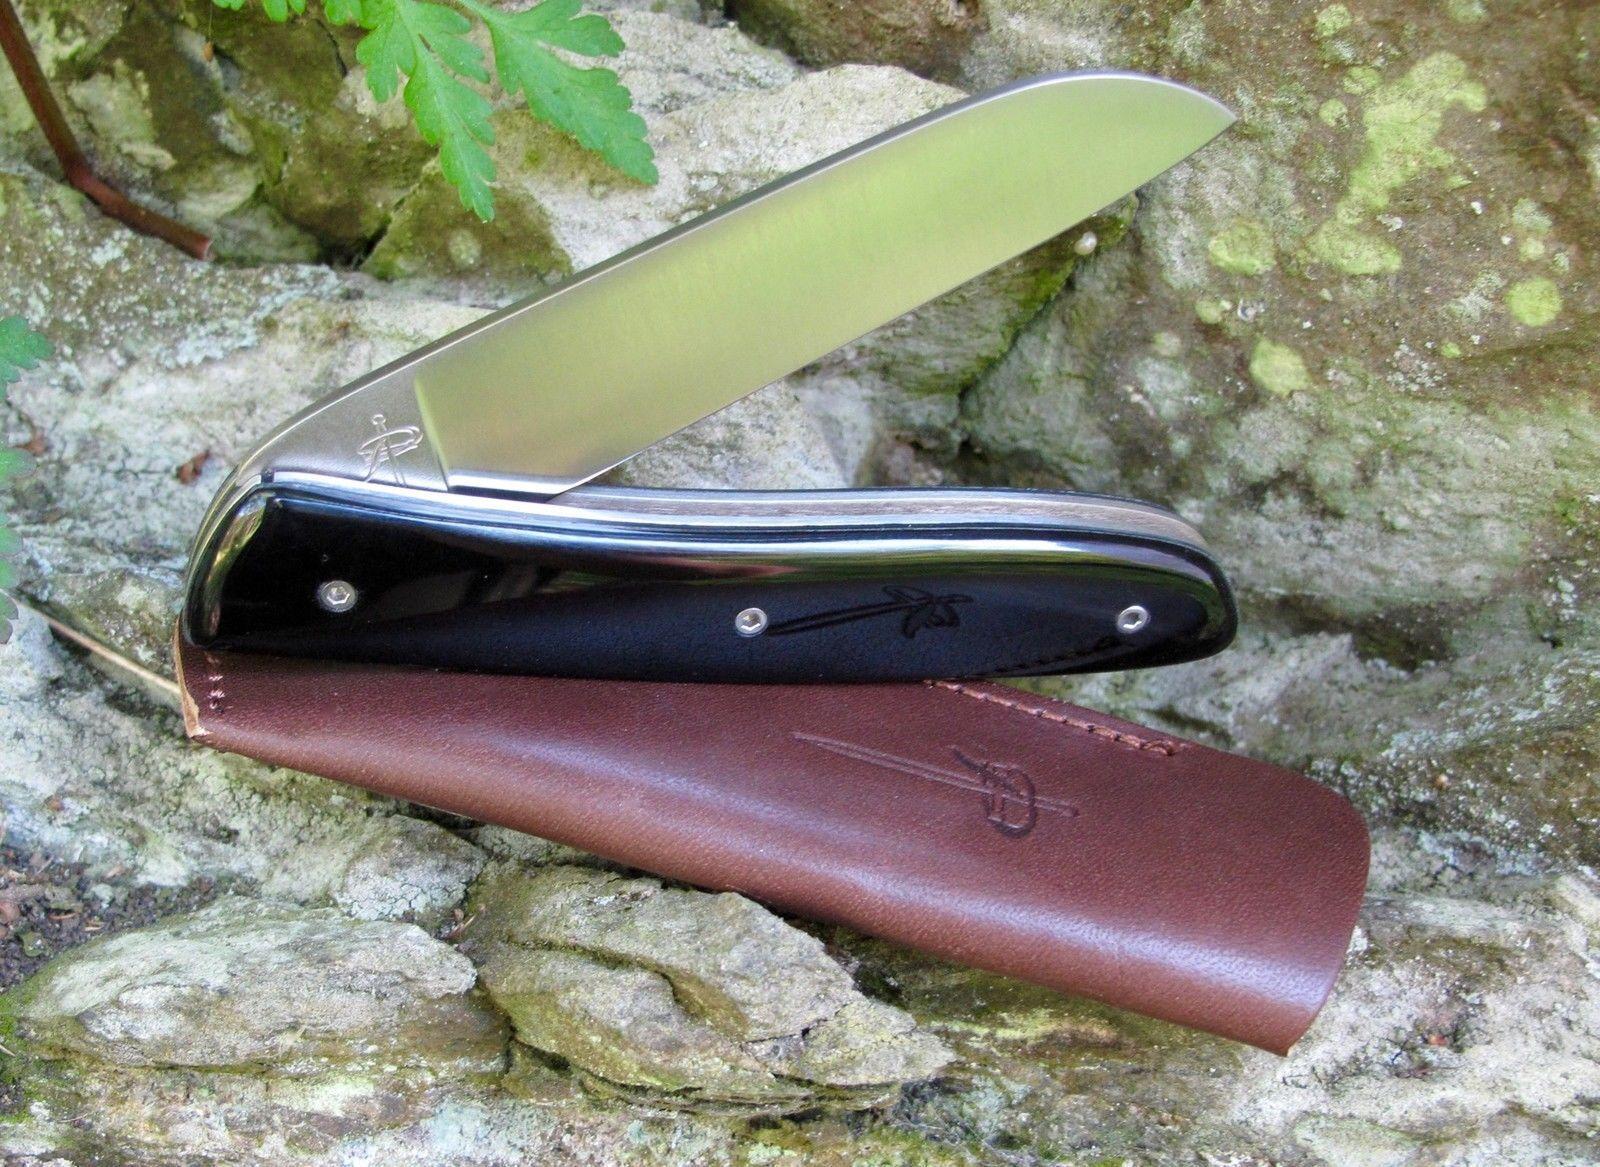 Messer Vespermesser Perceval L08 Widderhorn Dunkel 19C27 Sandvik Vespermesser Messer Brotzeitmesser 1be4f2